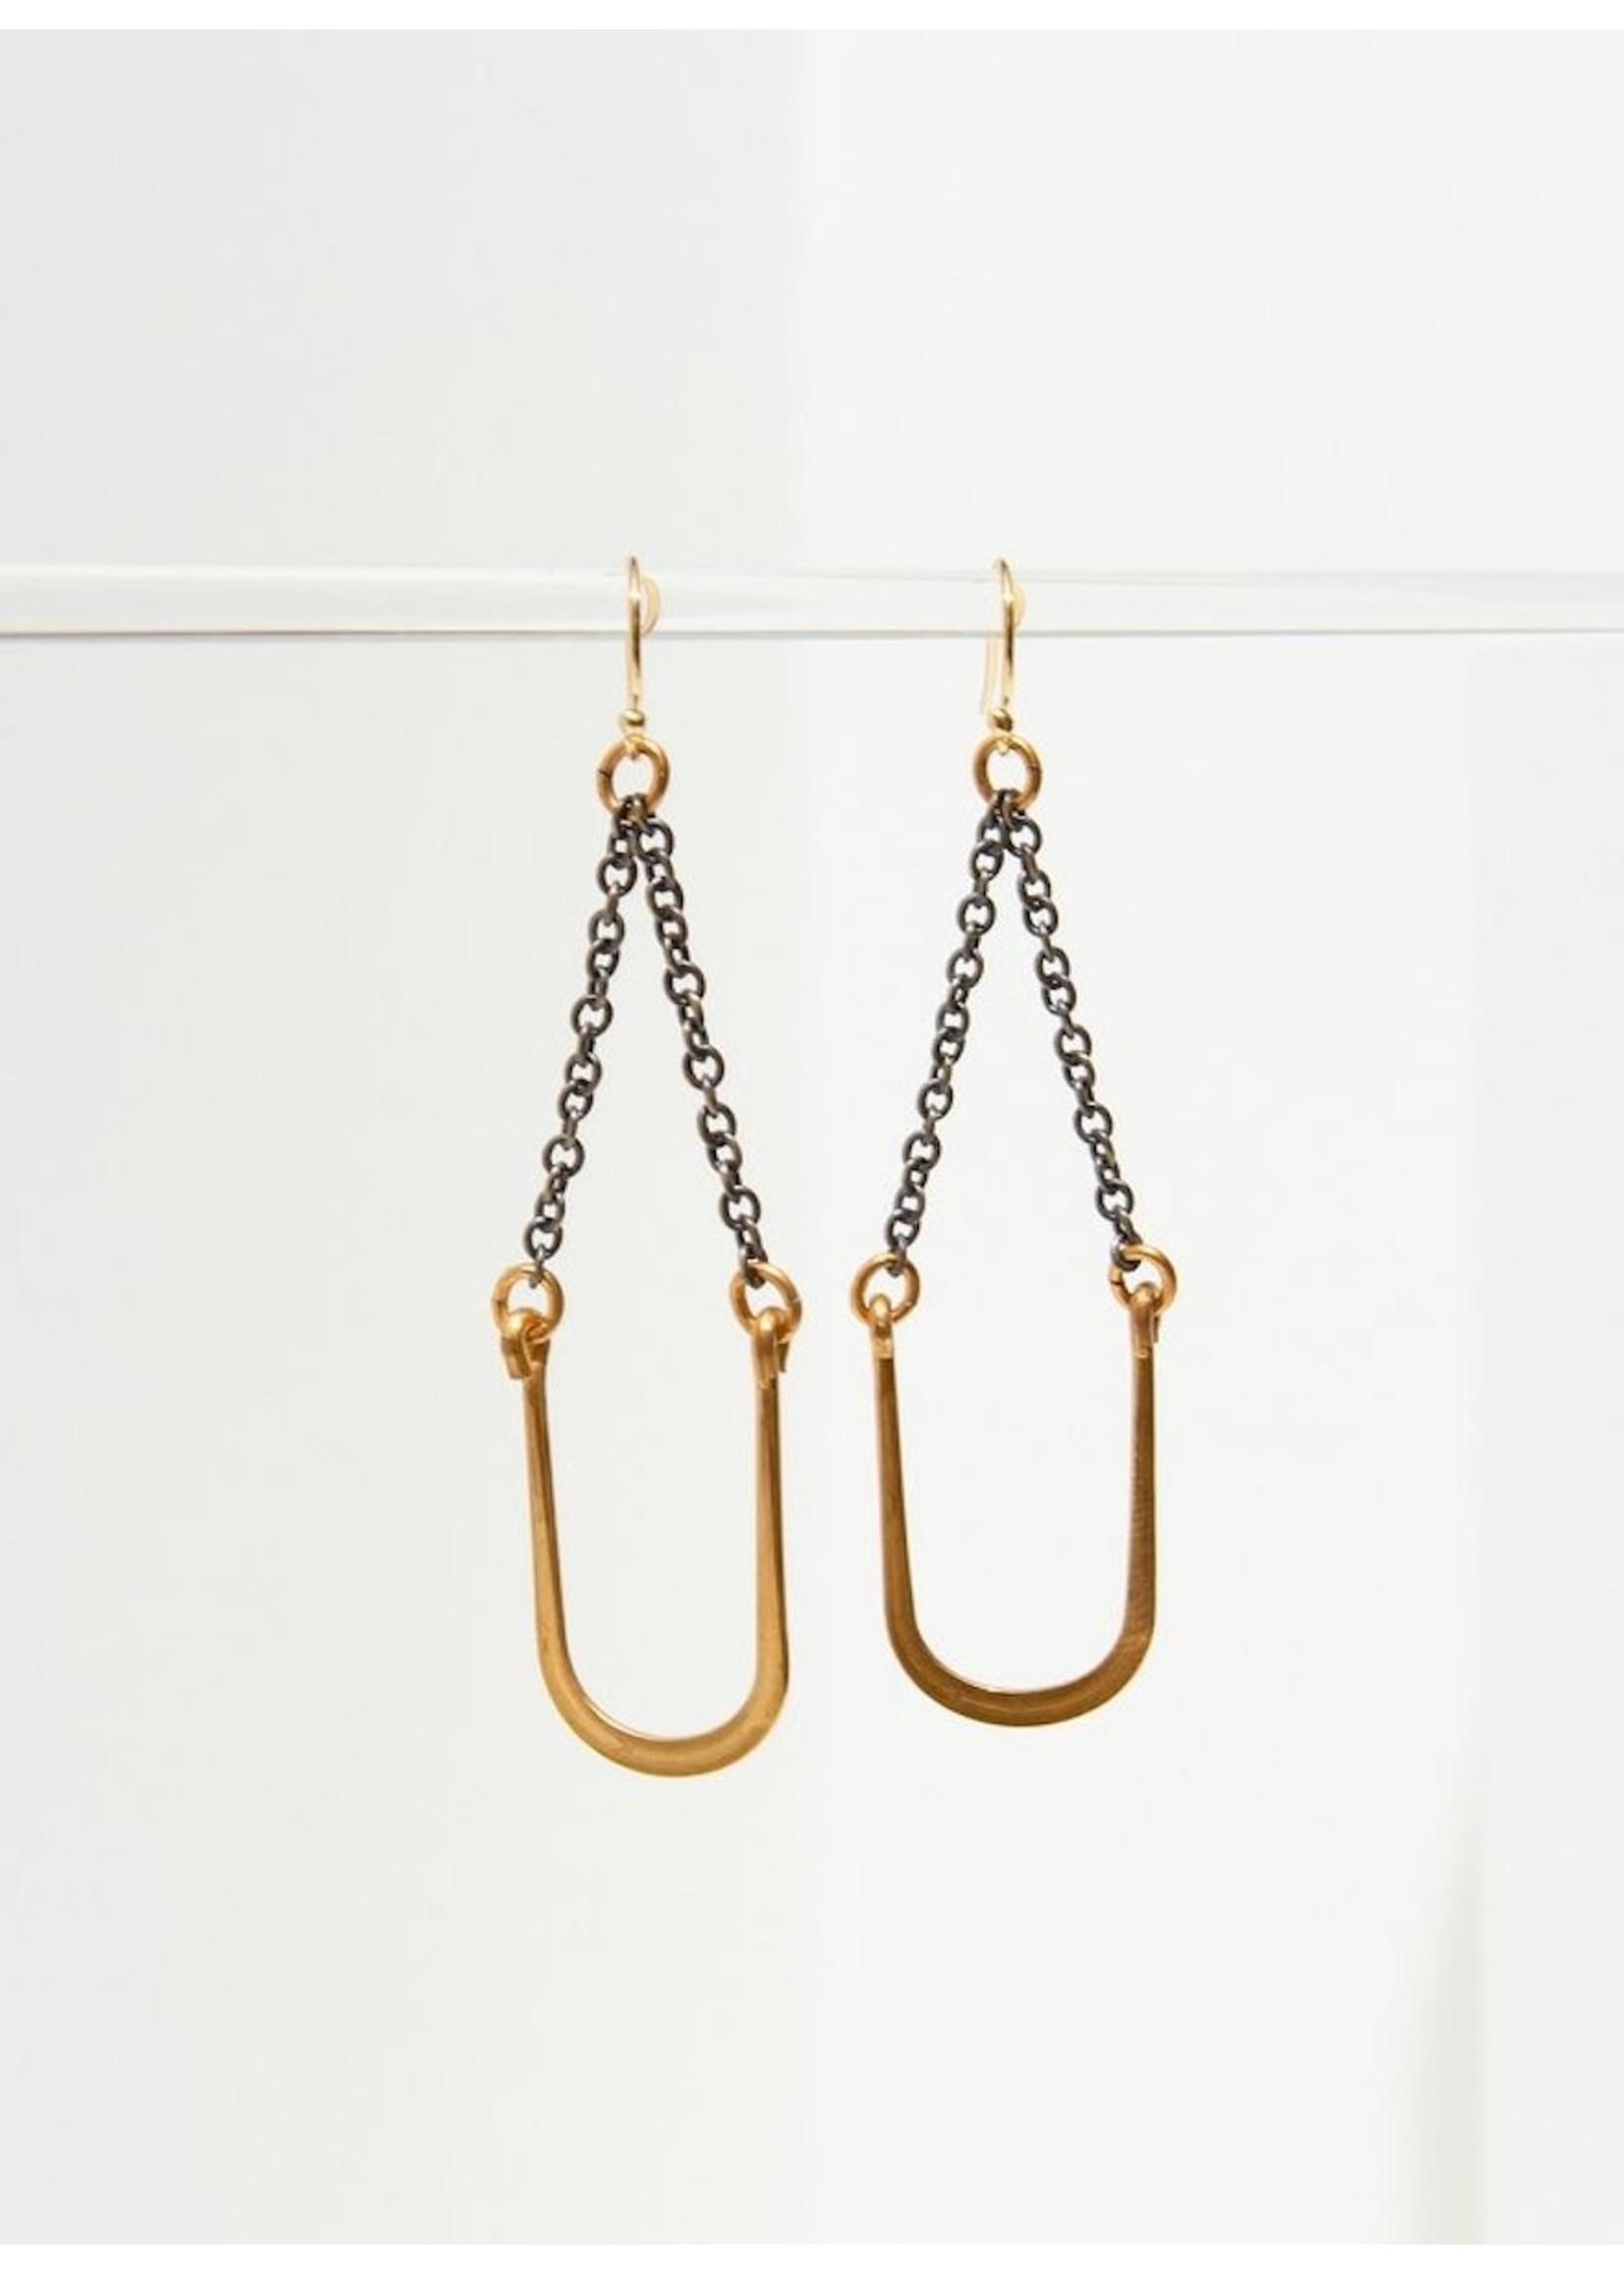 Larissa Loden Larissa Loden Vintage U Swing Earrings